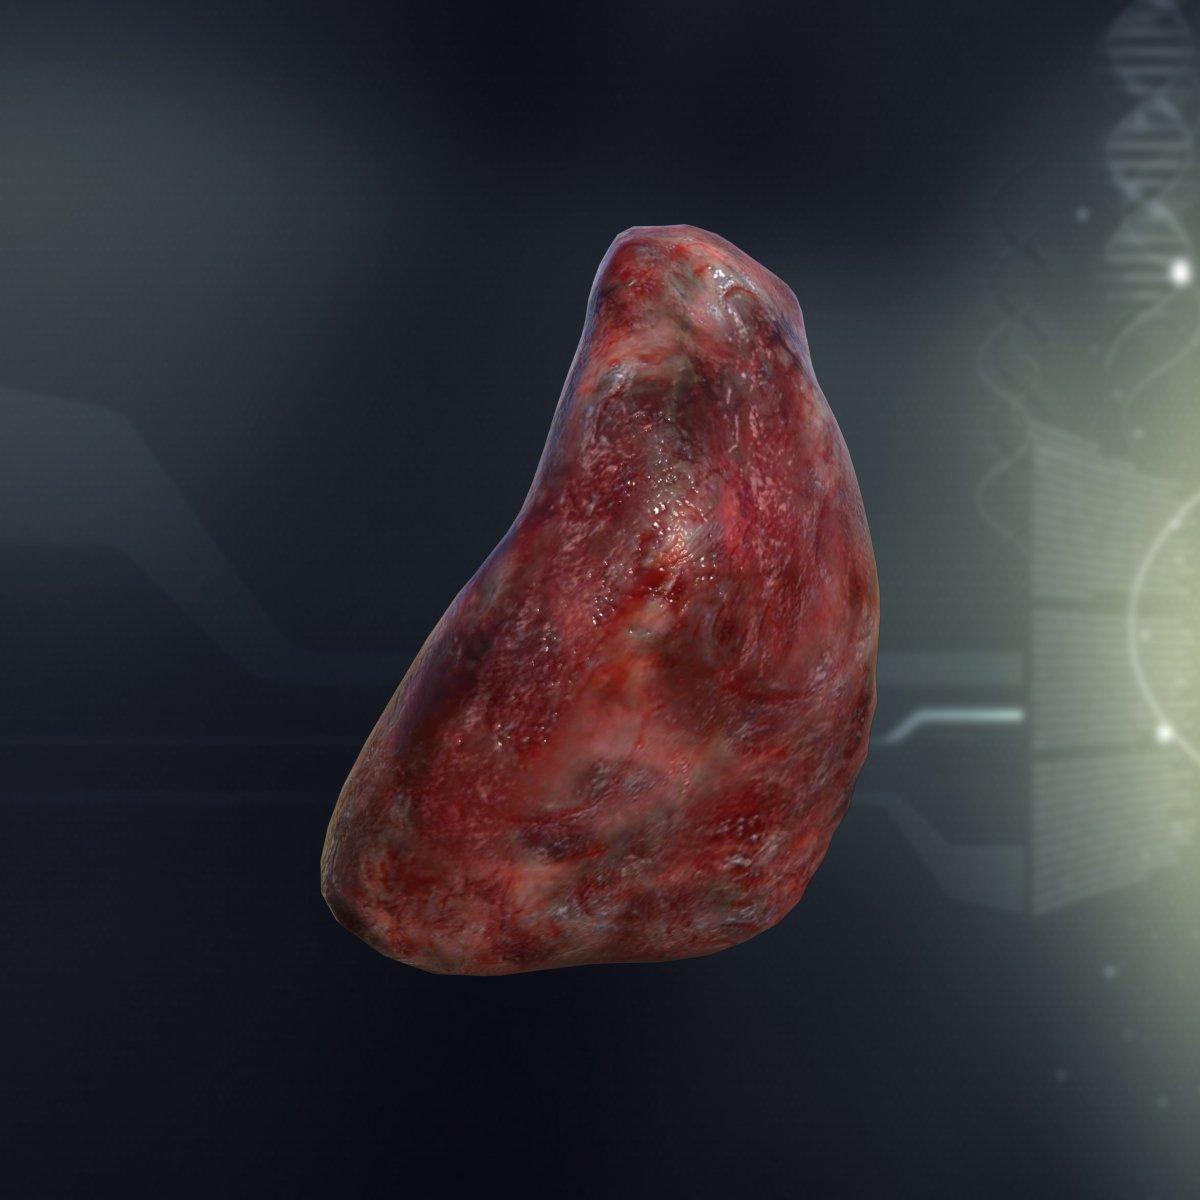 Human Spleen Anatomy 3d Model In Anatomy 3dexport